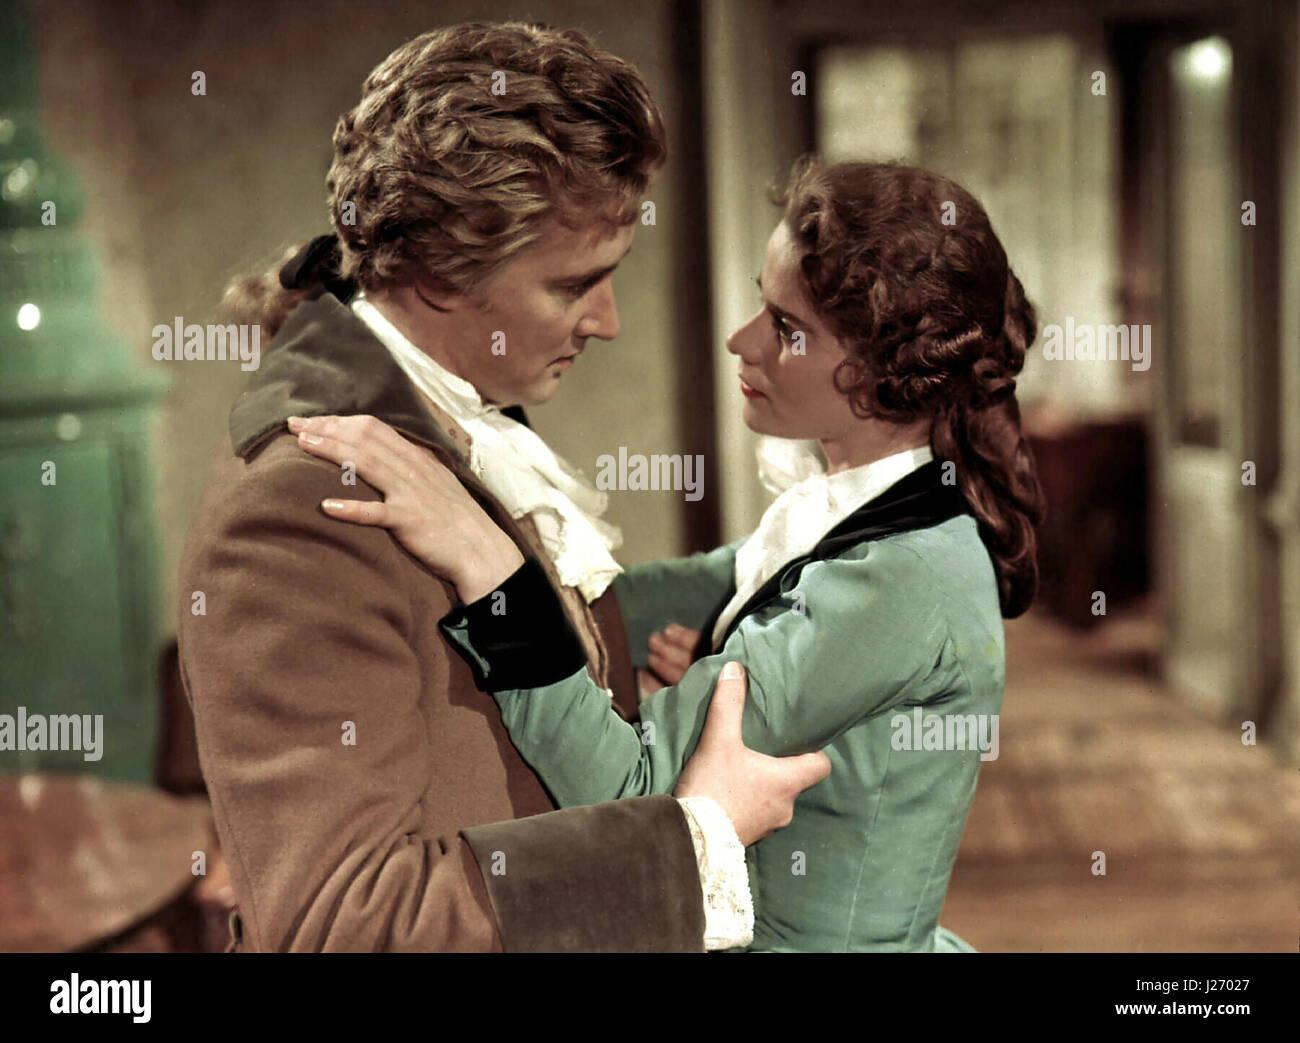 Reich mir die Hand, mein Leben aka. Mozart, Österreich 1955 Regie: Karl Hartl Darsteller: Oskar Werner, Johanna - Stock Image